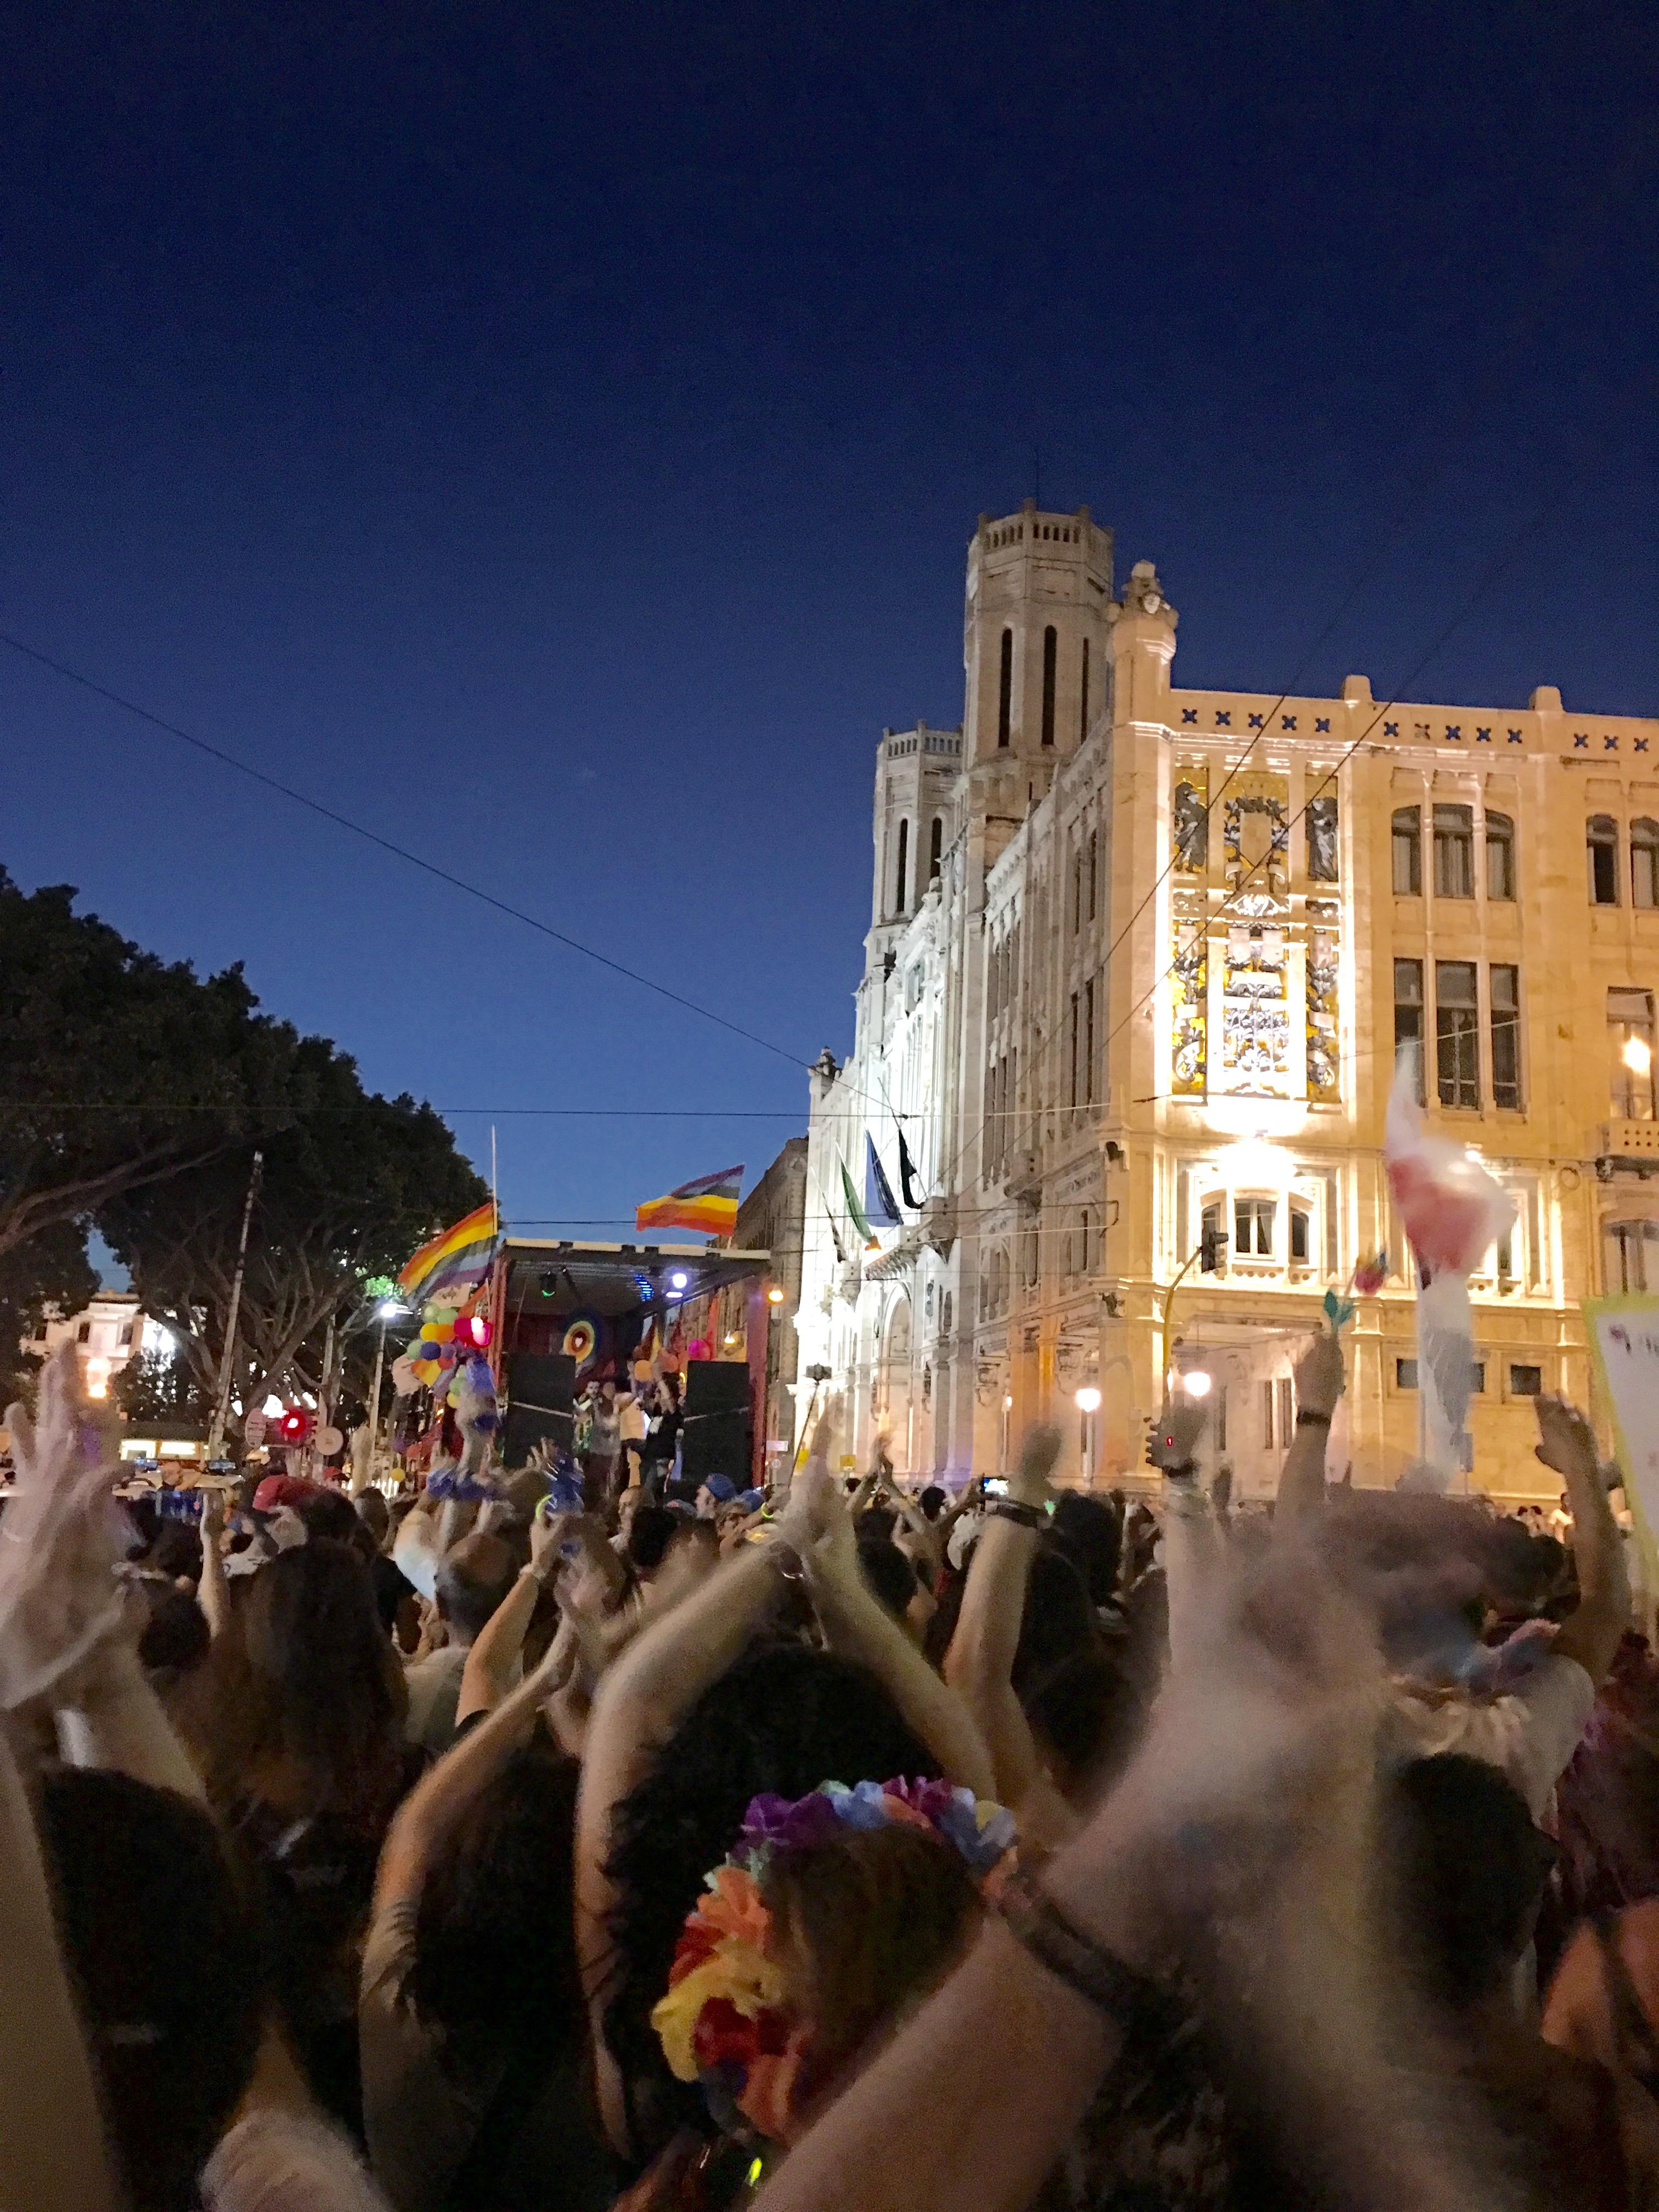 Sardegna Pride 2016, il corteo davanti al Municipio.